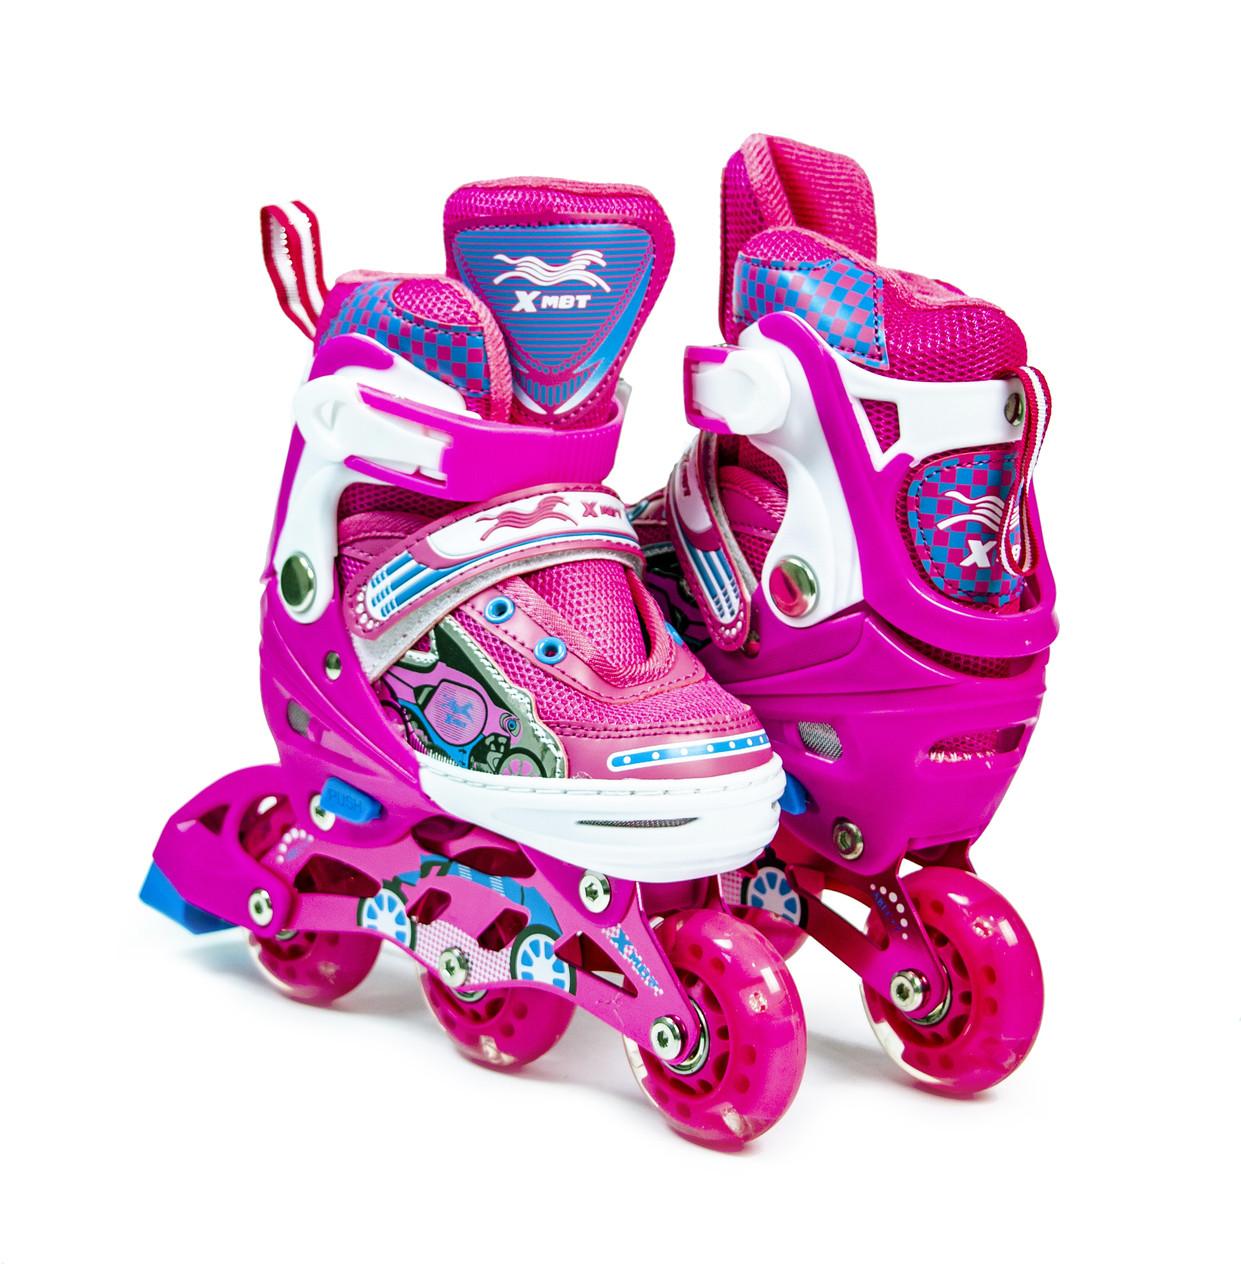 """Ролики """"3-wheels"""". Pink. размер 27-30. Все колеса светятся!"""